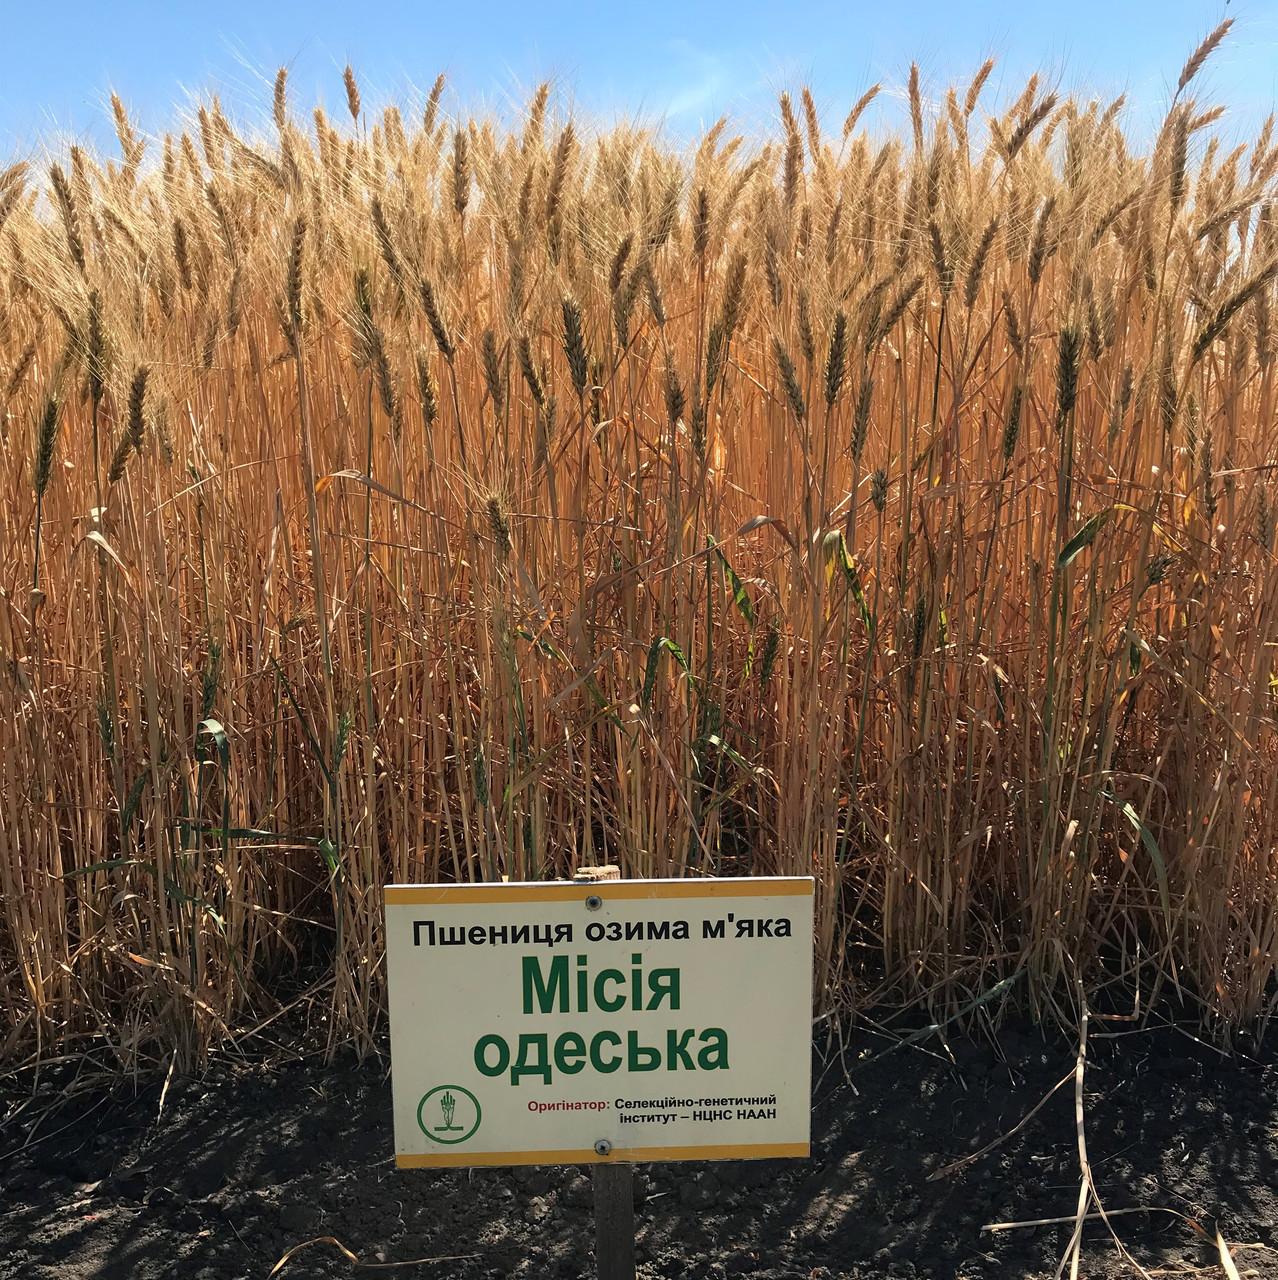 Місія Одеська насіння озимої пшениці